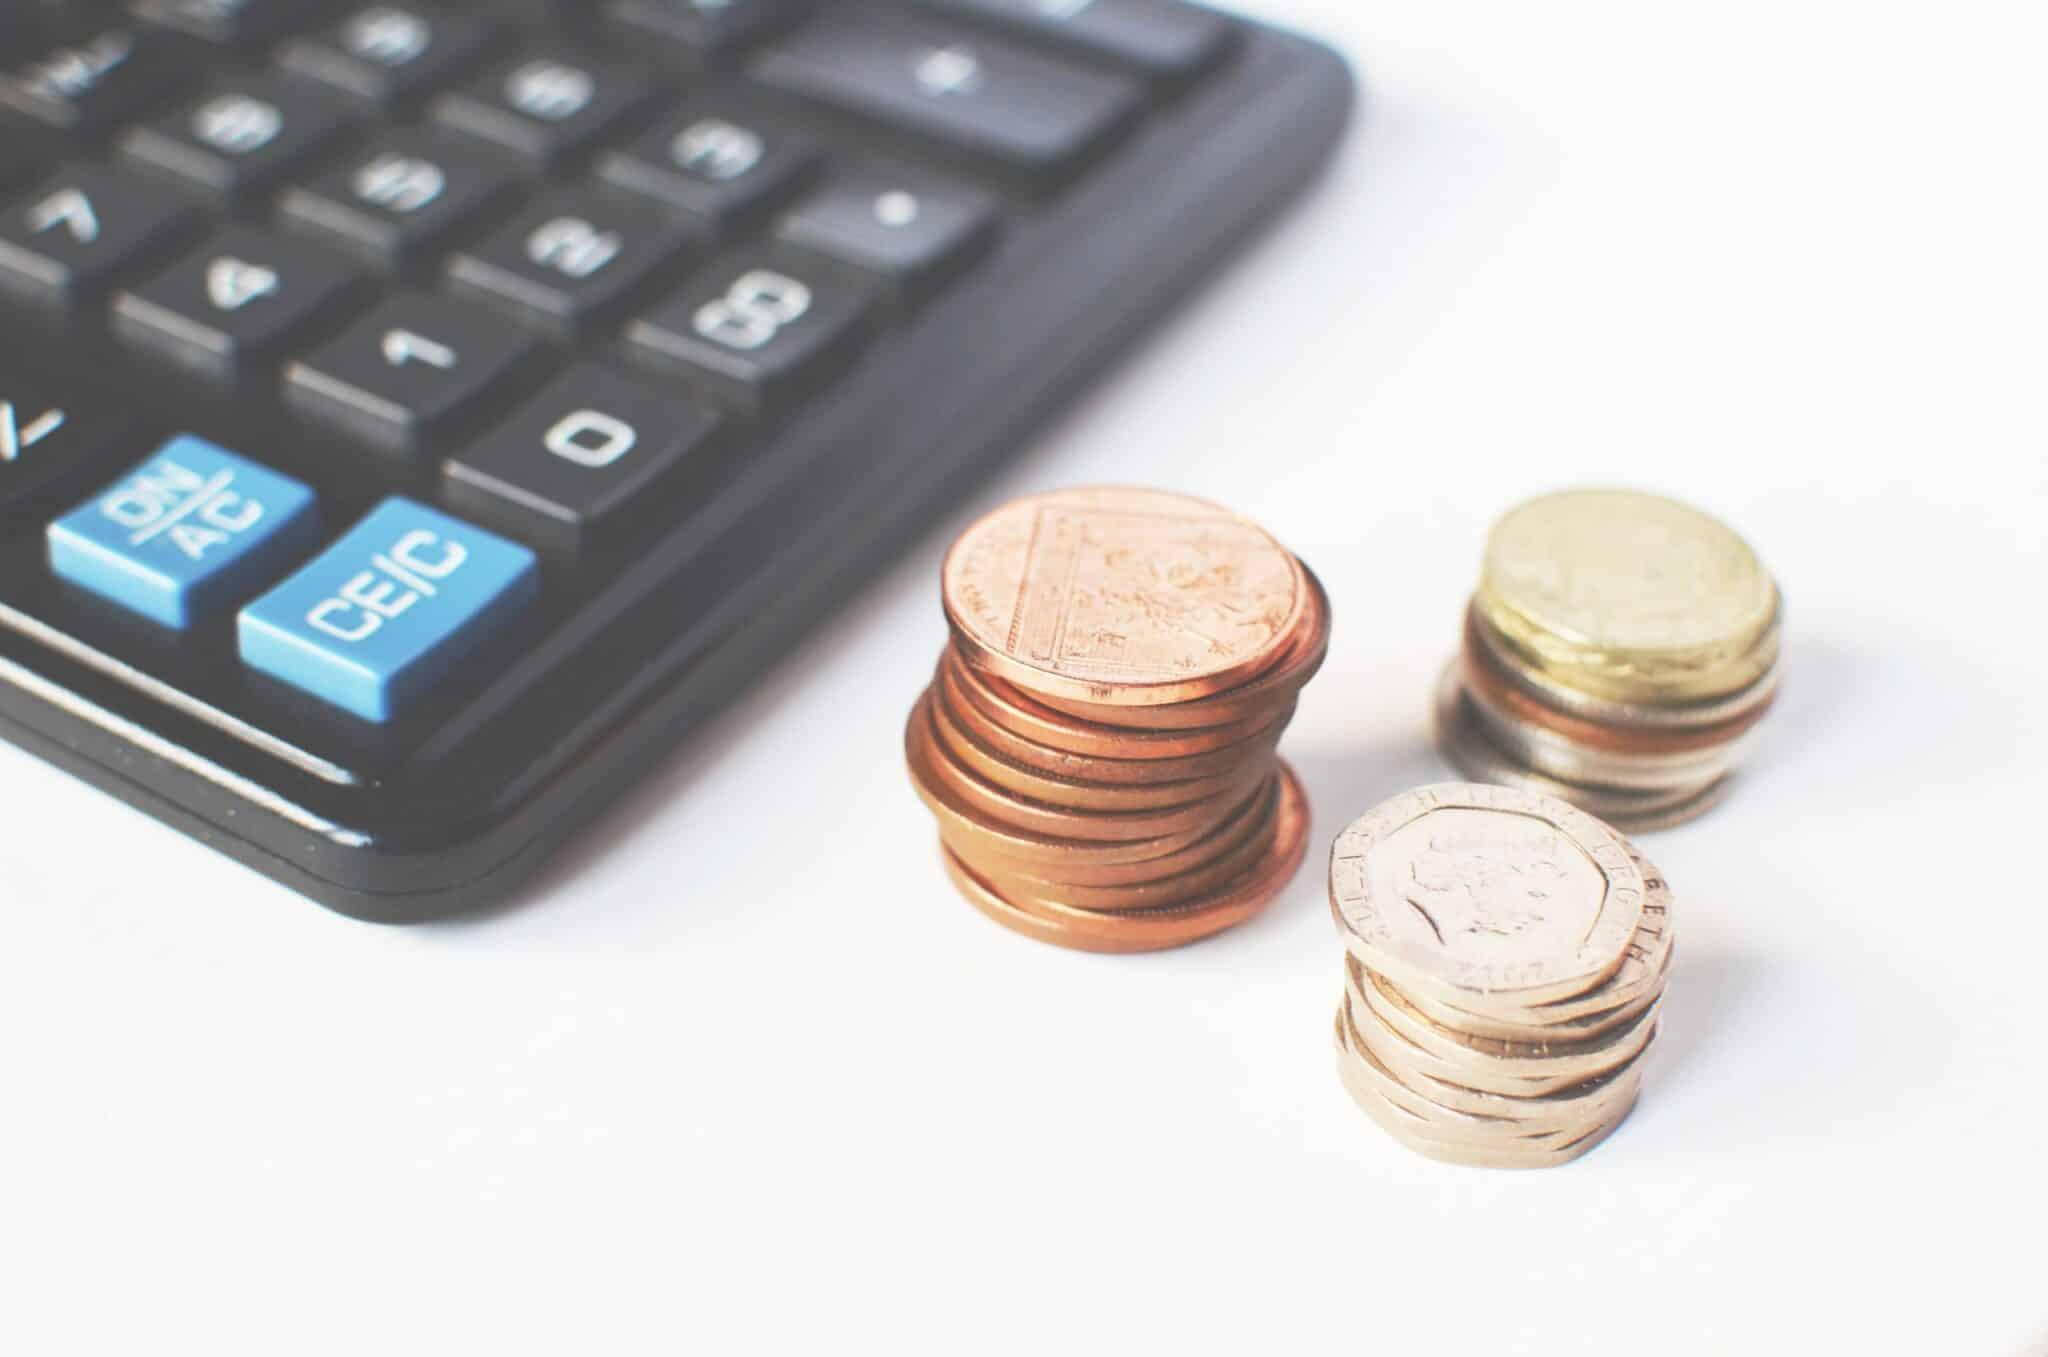 Vấn đề thuế: Đăng ký người phụ thuộc như thế nào?